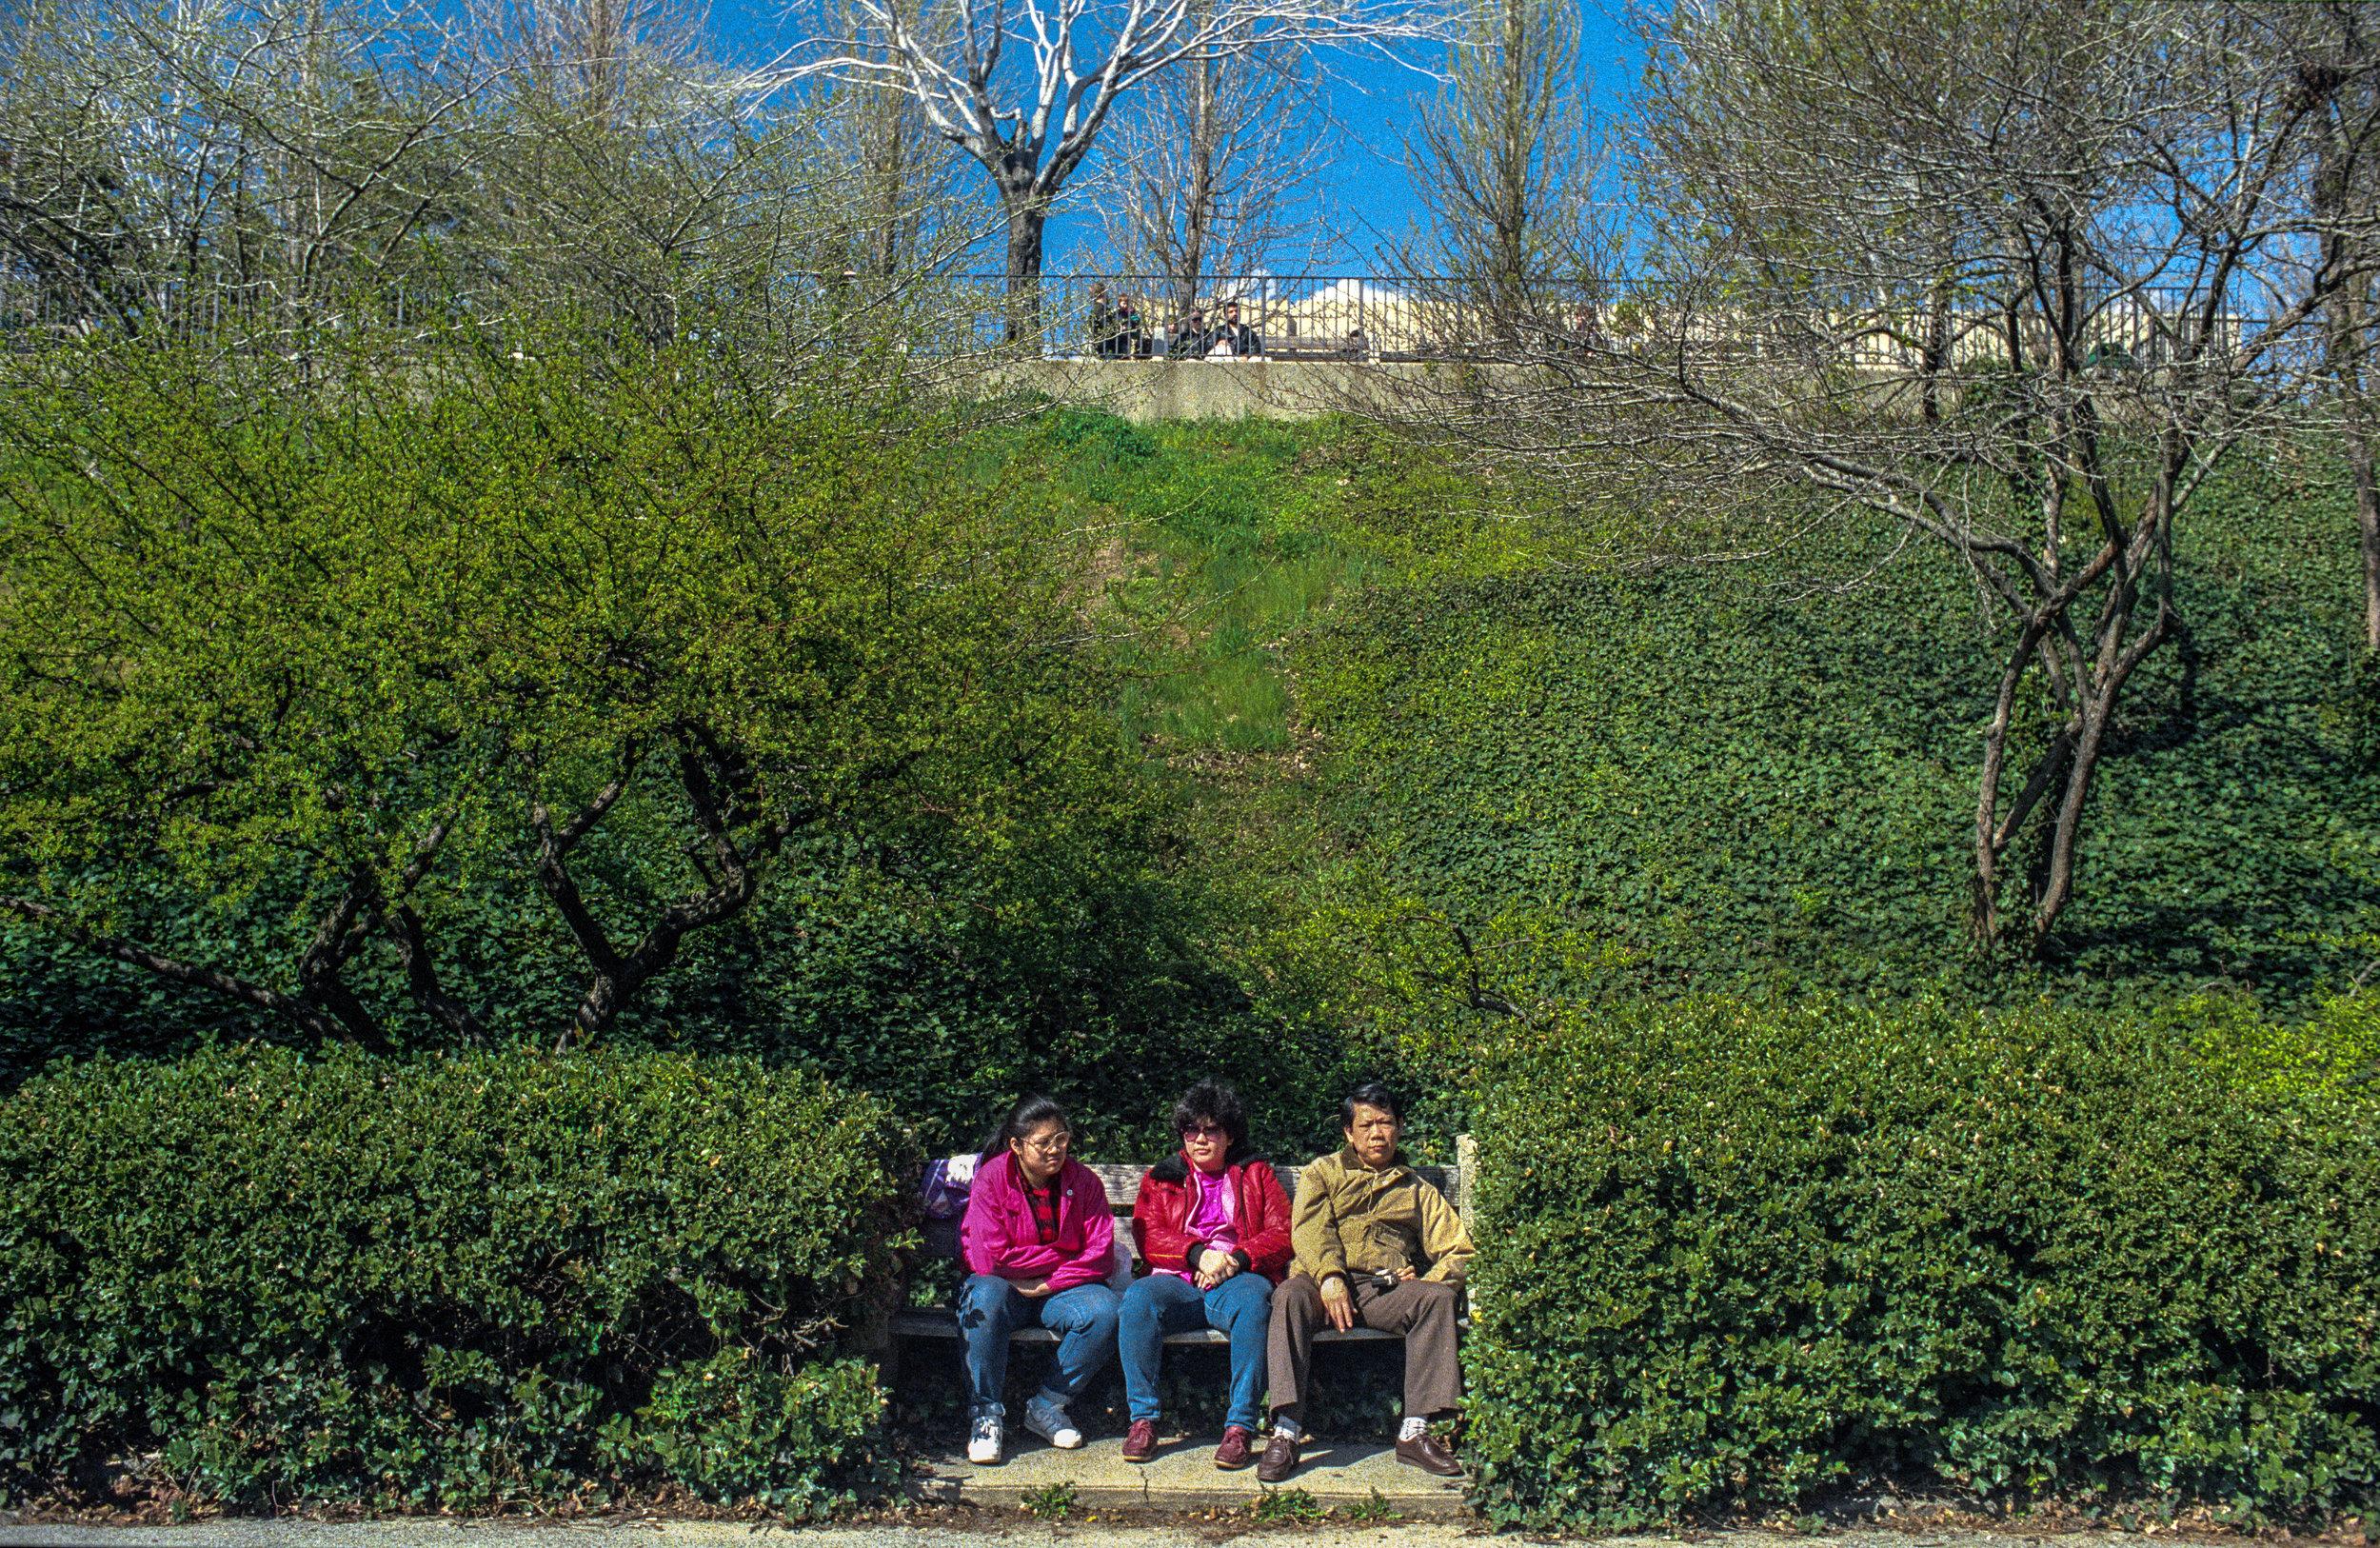 3 on bench.jpg